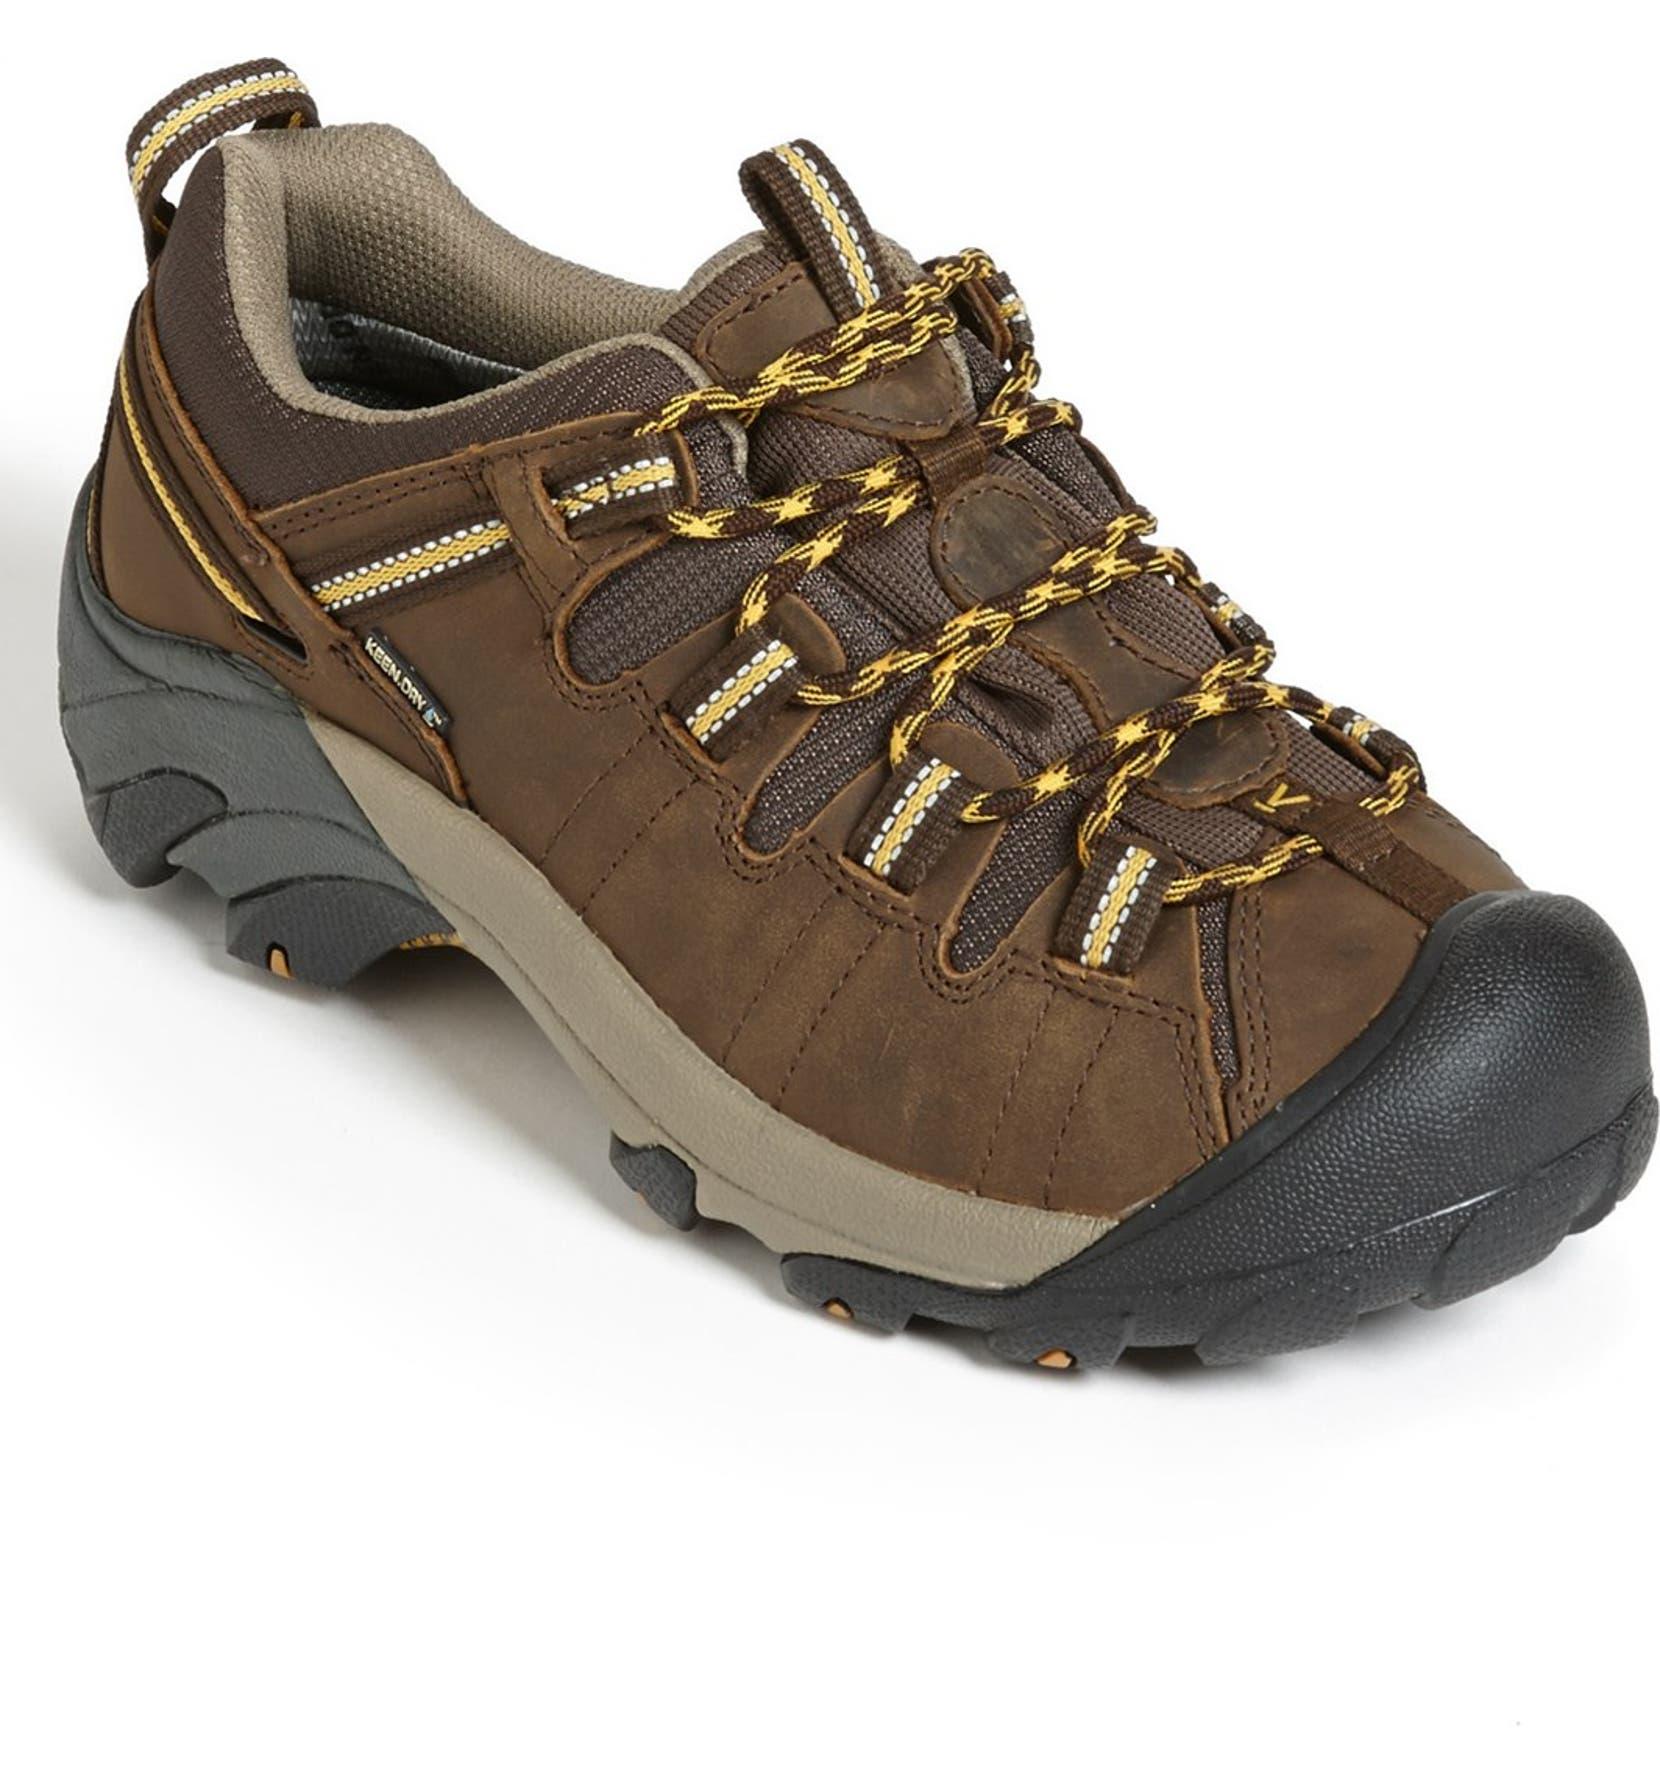 a5c820b22d3 'Targhee II' Waterproof Hiking Shoe